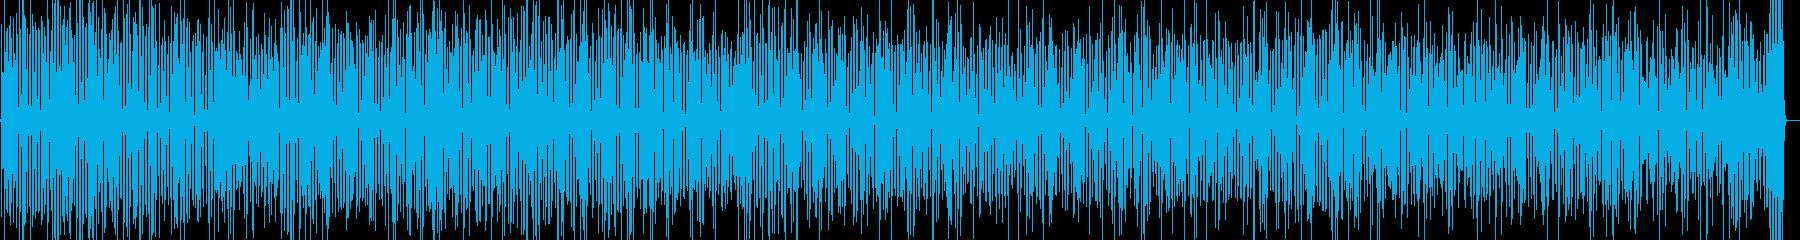 コンガが軽快なチャチャチャの再生済みの波形